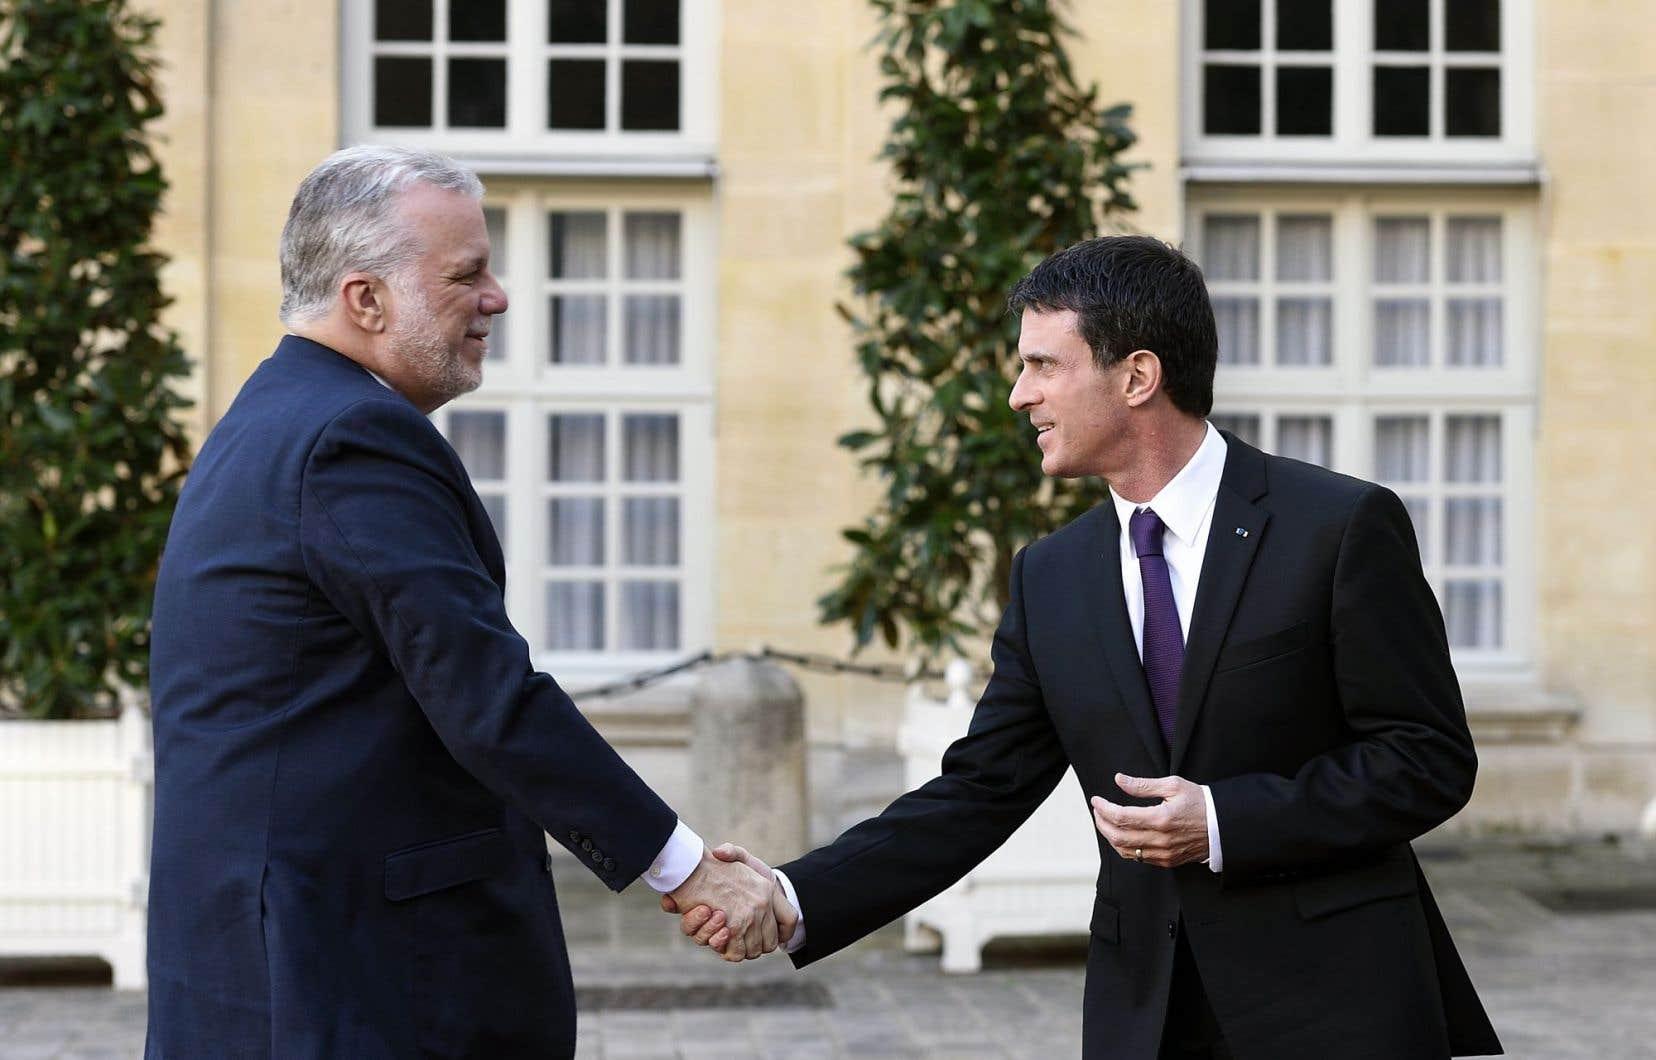 Le premier ministre français, Manuel Valls, va devoir nous rassurer sur le statut et le rôle du Consulat général de France à Québec lors de sa visite.